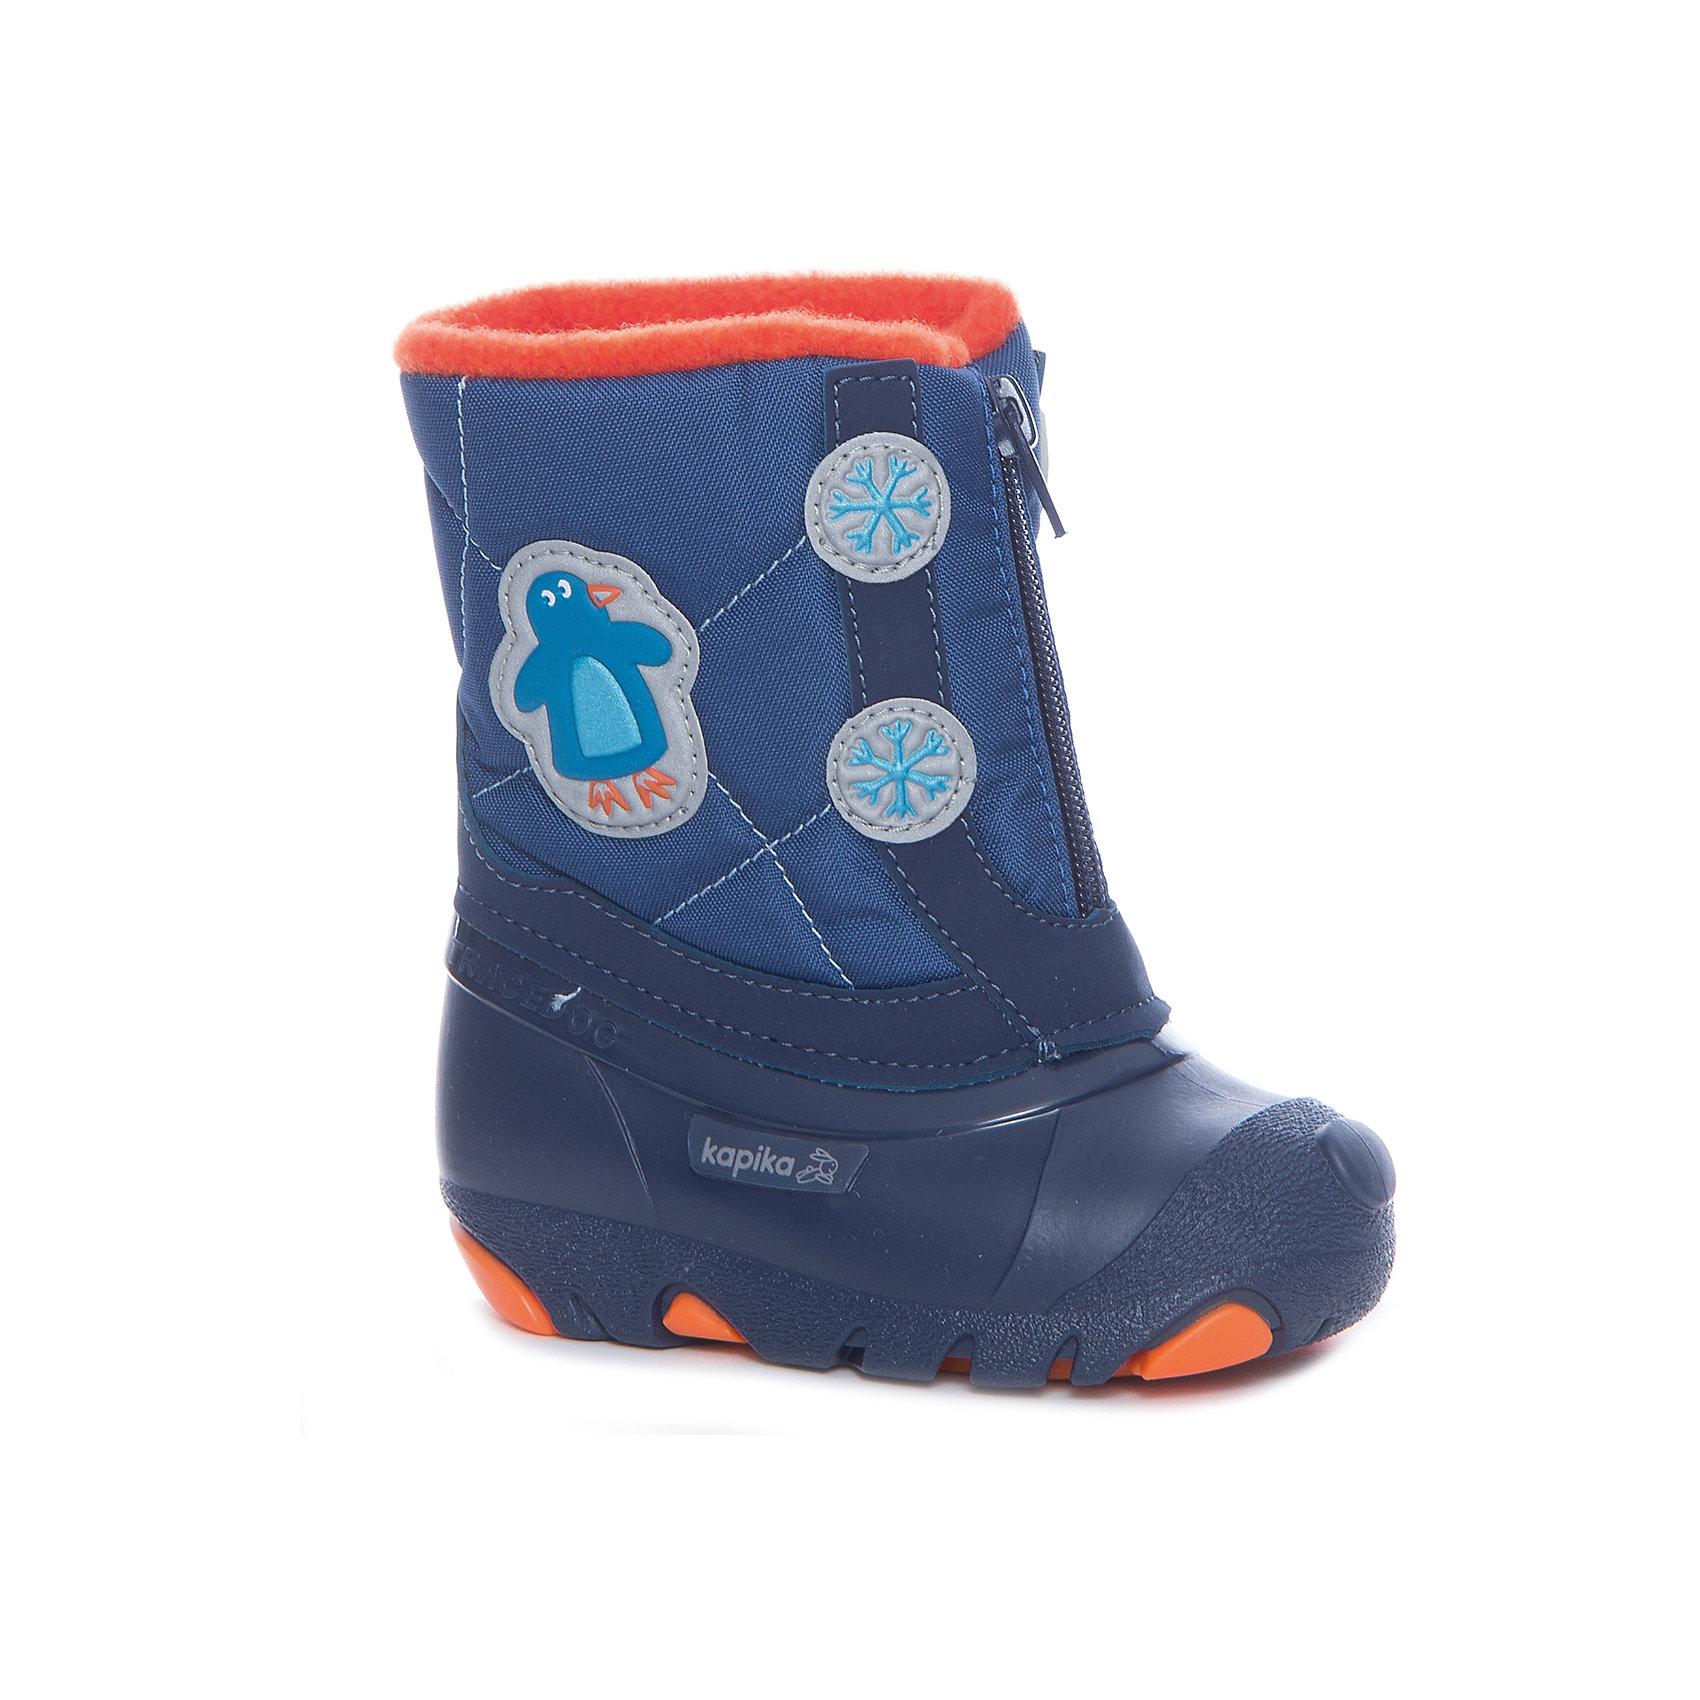 Сноубутсы  KAPIKAОбувь для мальчиков<br>Сапоги  KAPIKA в ассортименте<br> -Синий<br> -Розовый<br><br>Температурный режим: до -20 градусов. Степень утепления – средняя. <br><br>* Температурный режим указан приблизительно — необходимо, прежде всего, ориентироваться на ощущения ребенка. <br> <br>Сапоги-дутики защитят ноги малыша от снега и дождя. Благодаря теплому меху внутри их можно носить даже в очень холодную погоду. Подошва сделана с противоскользящим эффектом. Сапоги имеют форму цельного валенка, вклеенного в сапоги-галоши. Это дает дополнительную защиту от влаги и холода. Застегиваются на молнию спереди.<br><br>Дополнительная информация:<br><br>- материал верха: искусственная кожа, текстиль<br>- материал подкладки: 80% шерсть, 20% искусственный мех<br><br>Сапоги  KAPIKA можно купить в нашем интернет магазине.<br><br>Ширина мм: 257<br>Глубина мм: 180<br>Высота мм: 130<br>Вес г: 420<br>Цвет: разноцветный<br>Возраст от месяцев: 12<br>Возраст до месяцев: 15<br>Пол: Унисекс<br>Возраст: Детский<br>Размер: 21,26,22,23,24,25<br>SKU: 4988184